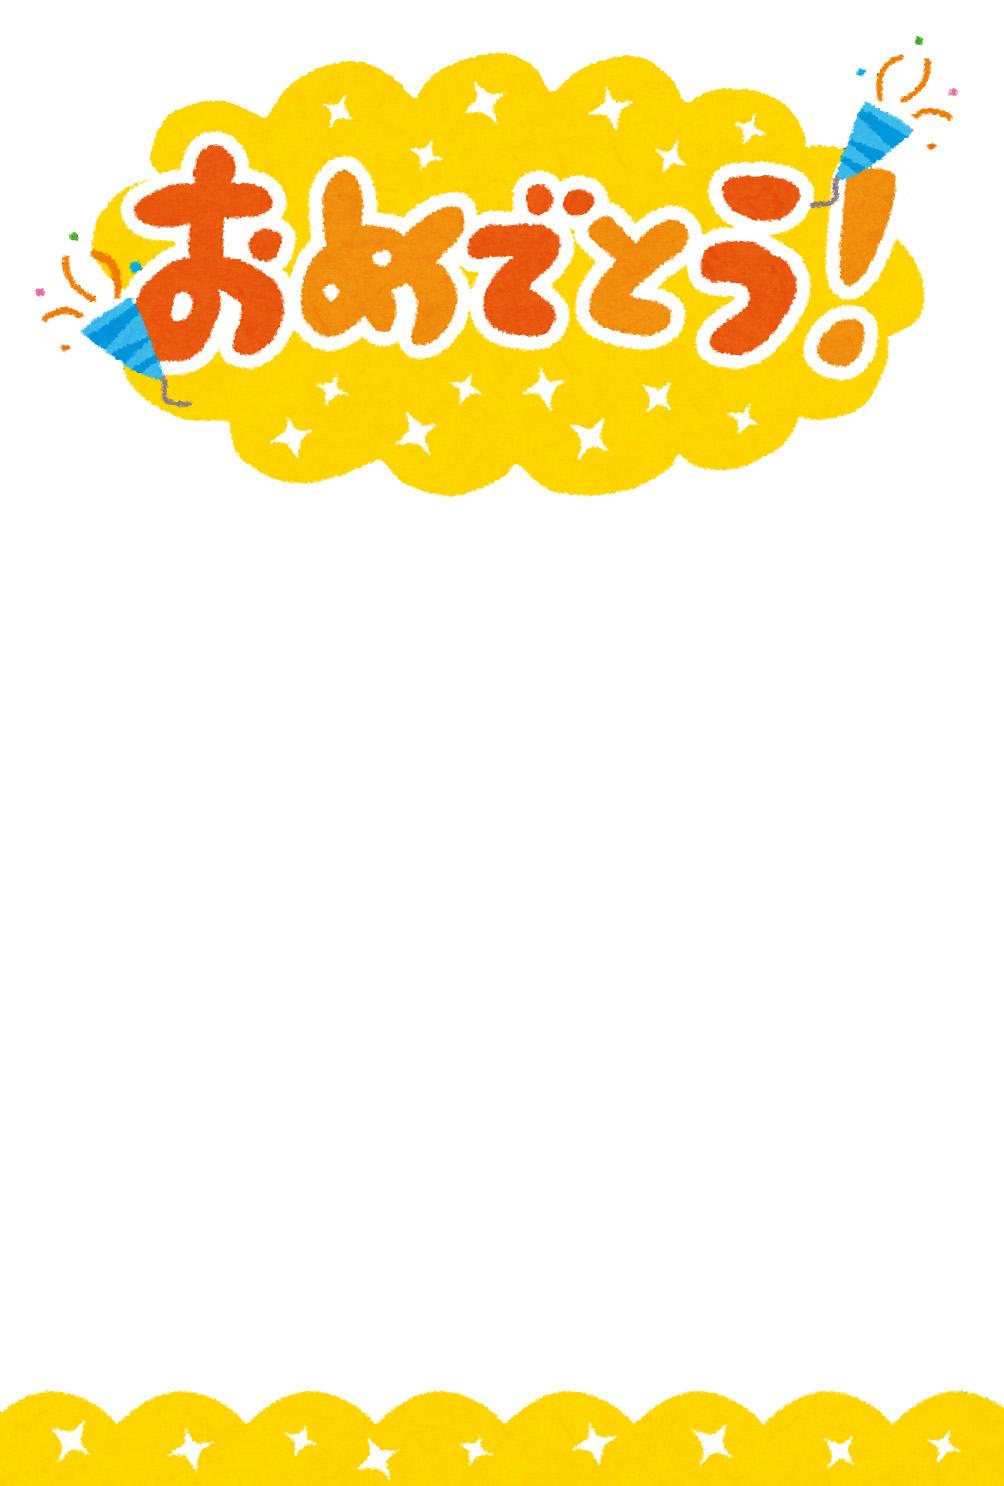 メッセージカードのテンプレート「おめでとう!」 | かわいいフリー